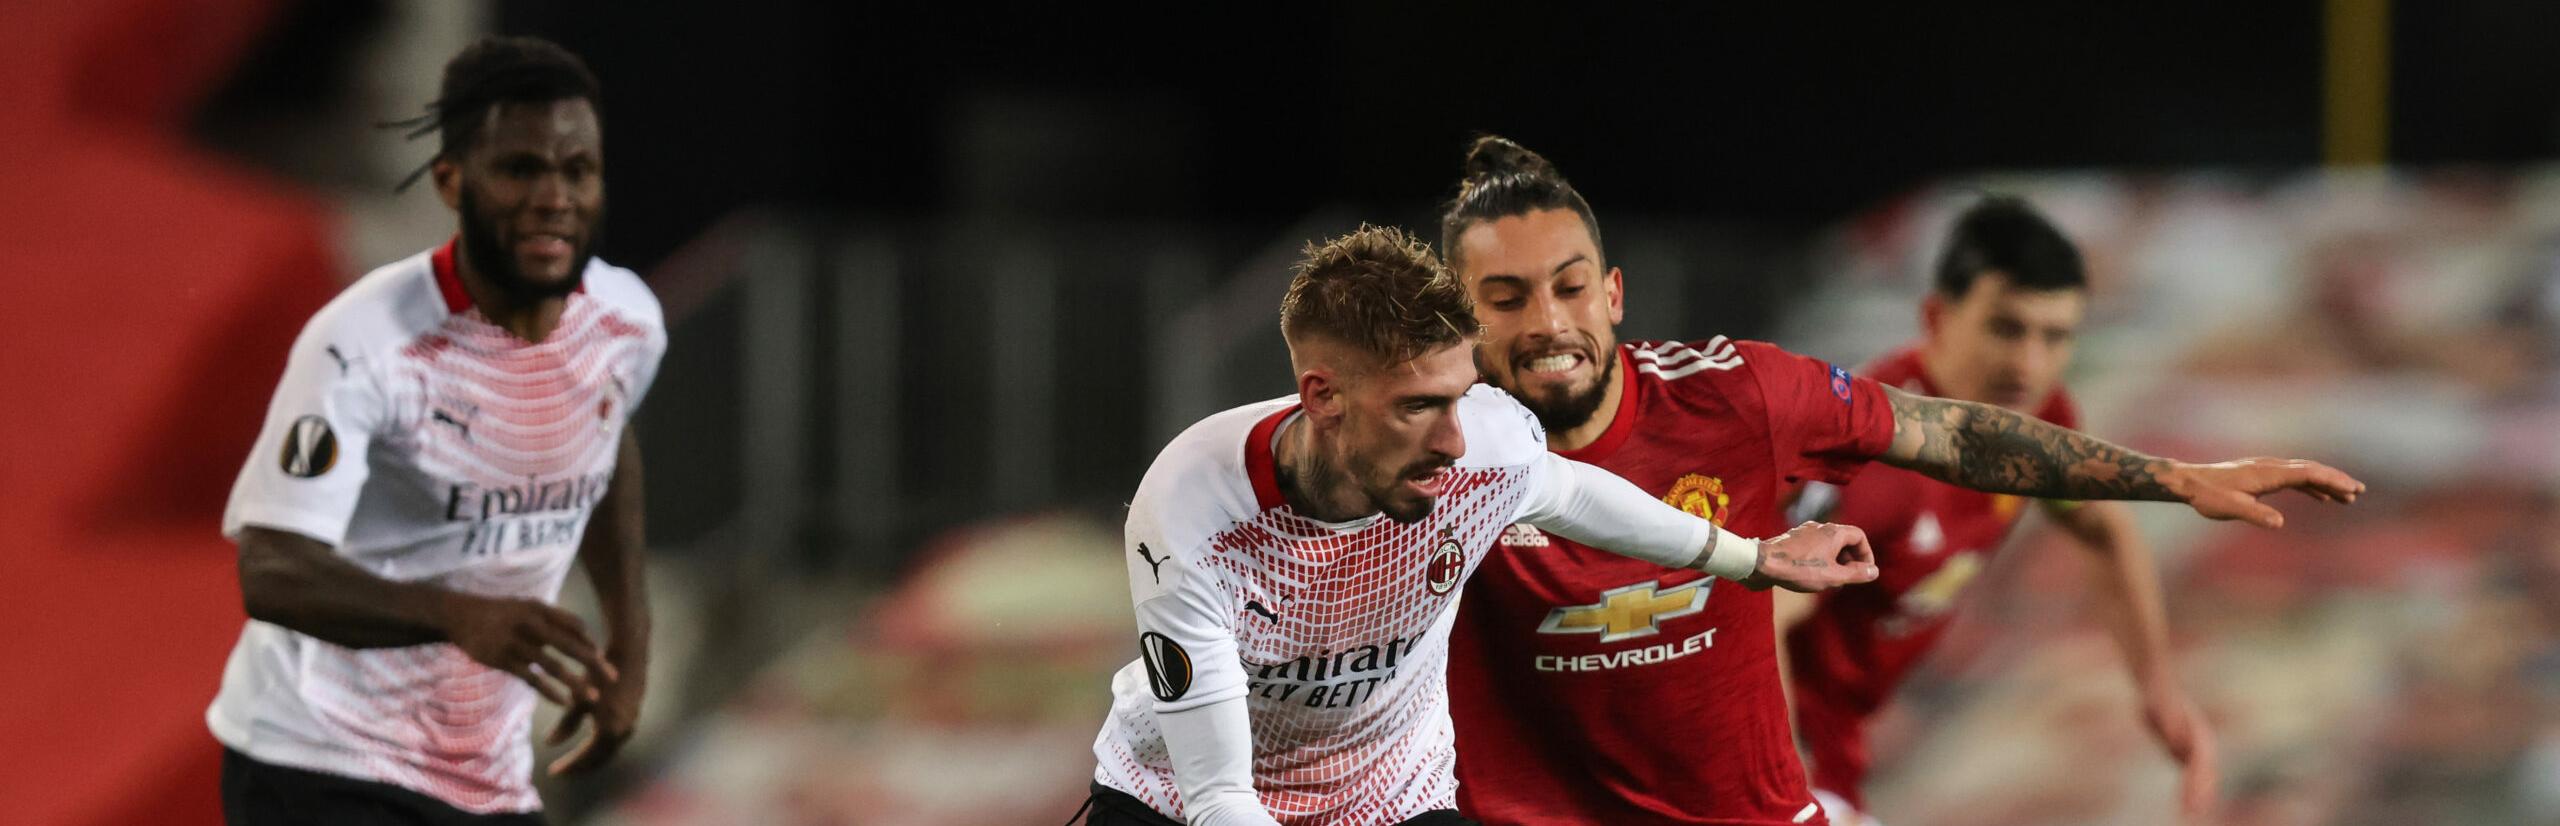 Pronostico Milan-Manchester United: Pioli in emergenza, Ibra solo a gara in corso? Le ultimissime